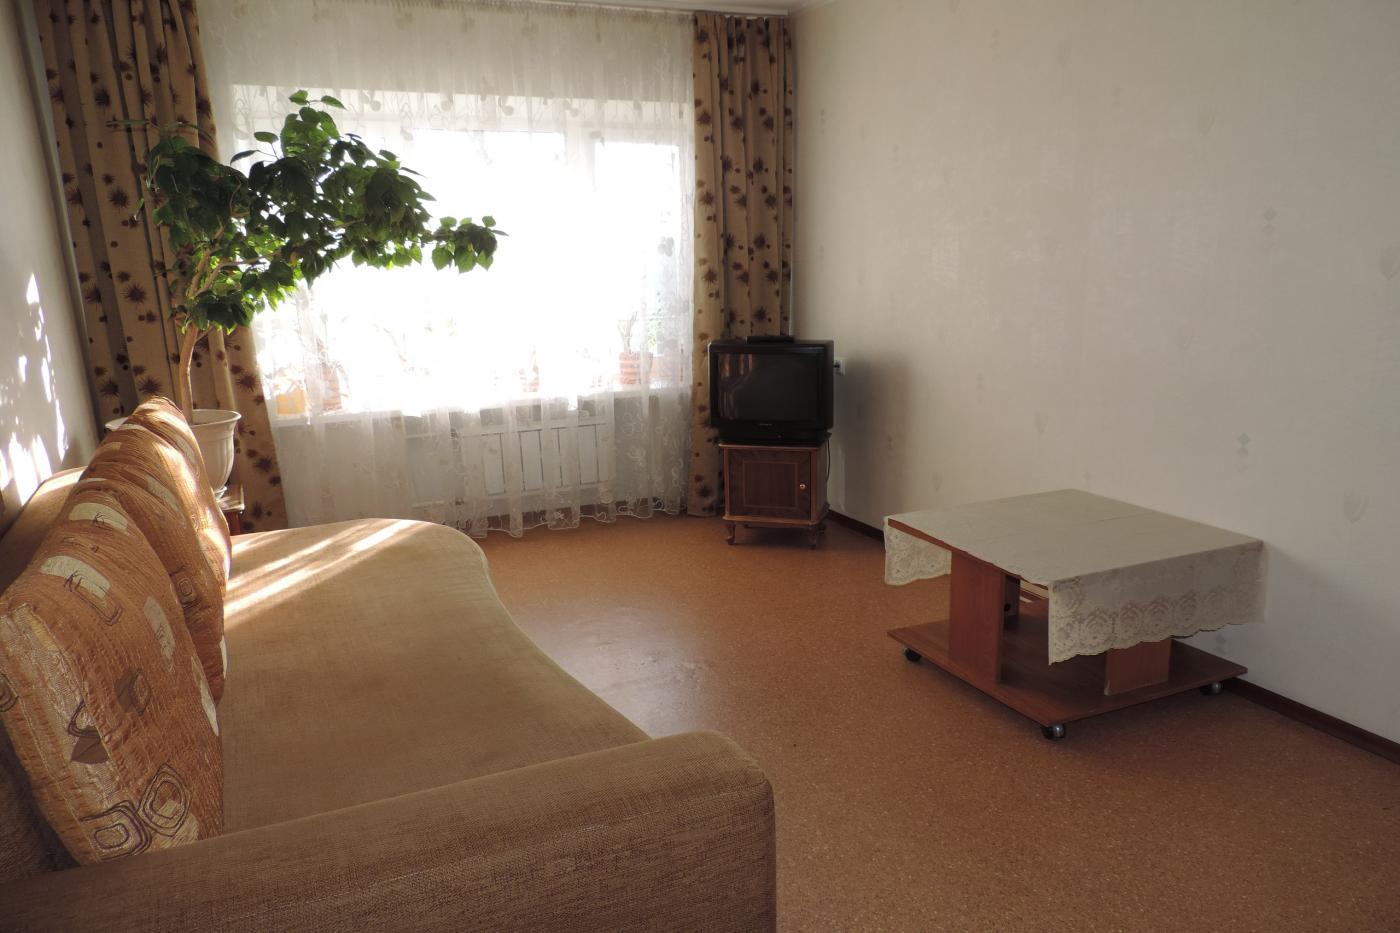 1-комнатная квартира посуточно (вариант № 3650), ул. Карла Маркса улица, фото № 5